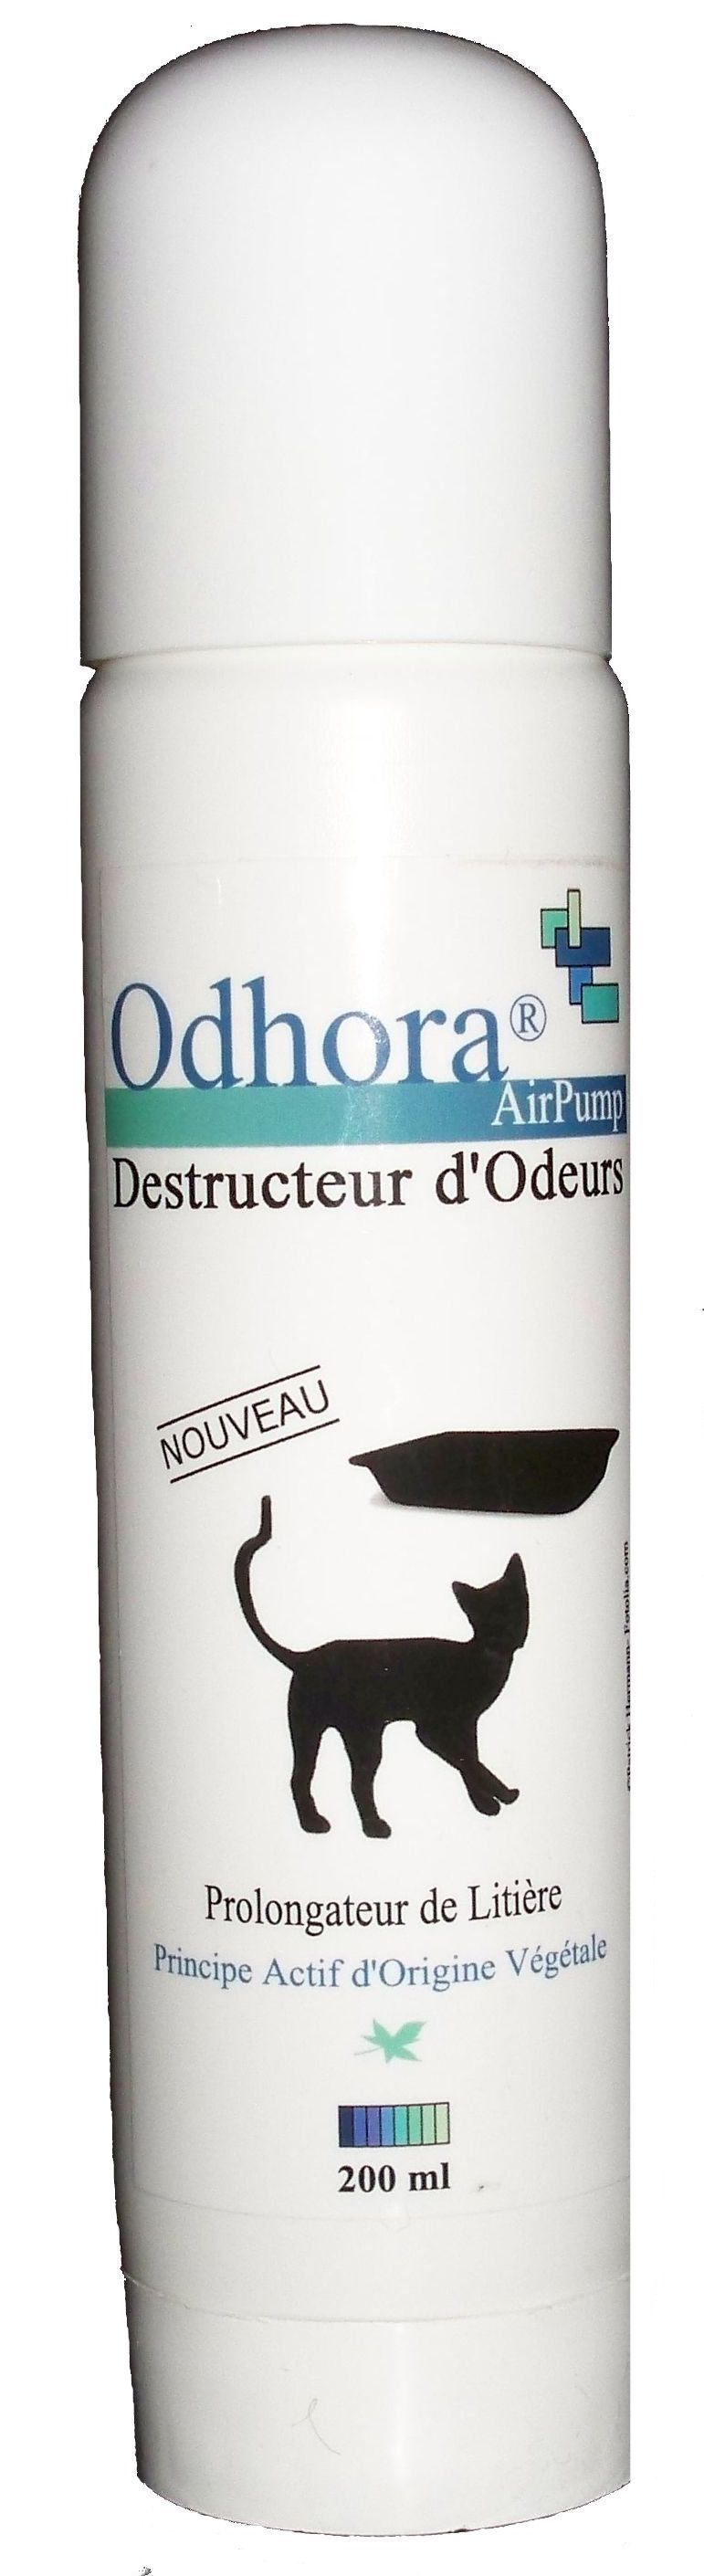 produits anti odeurs d 39 animaux tous les fournisseurs. Black Bedroom Furniture Sets. Home Design Ideas